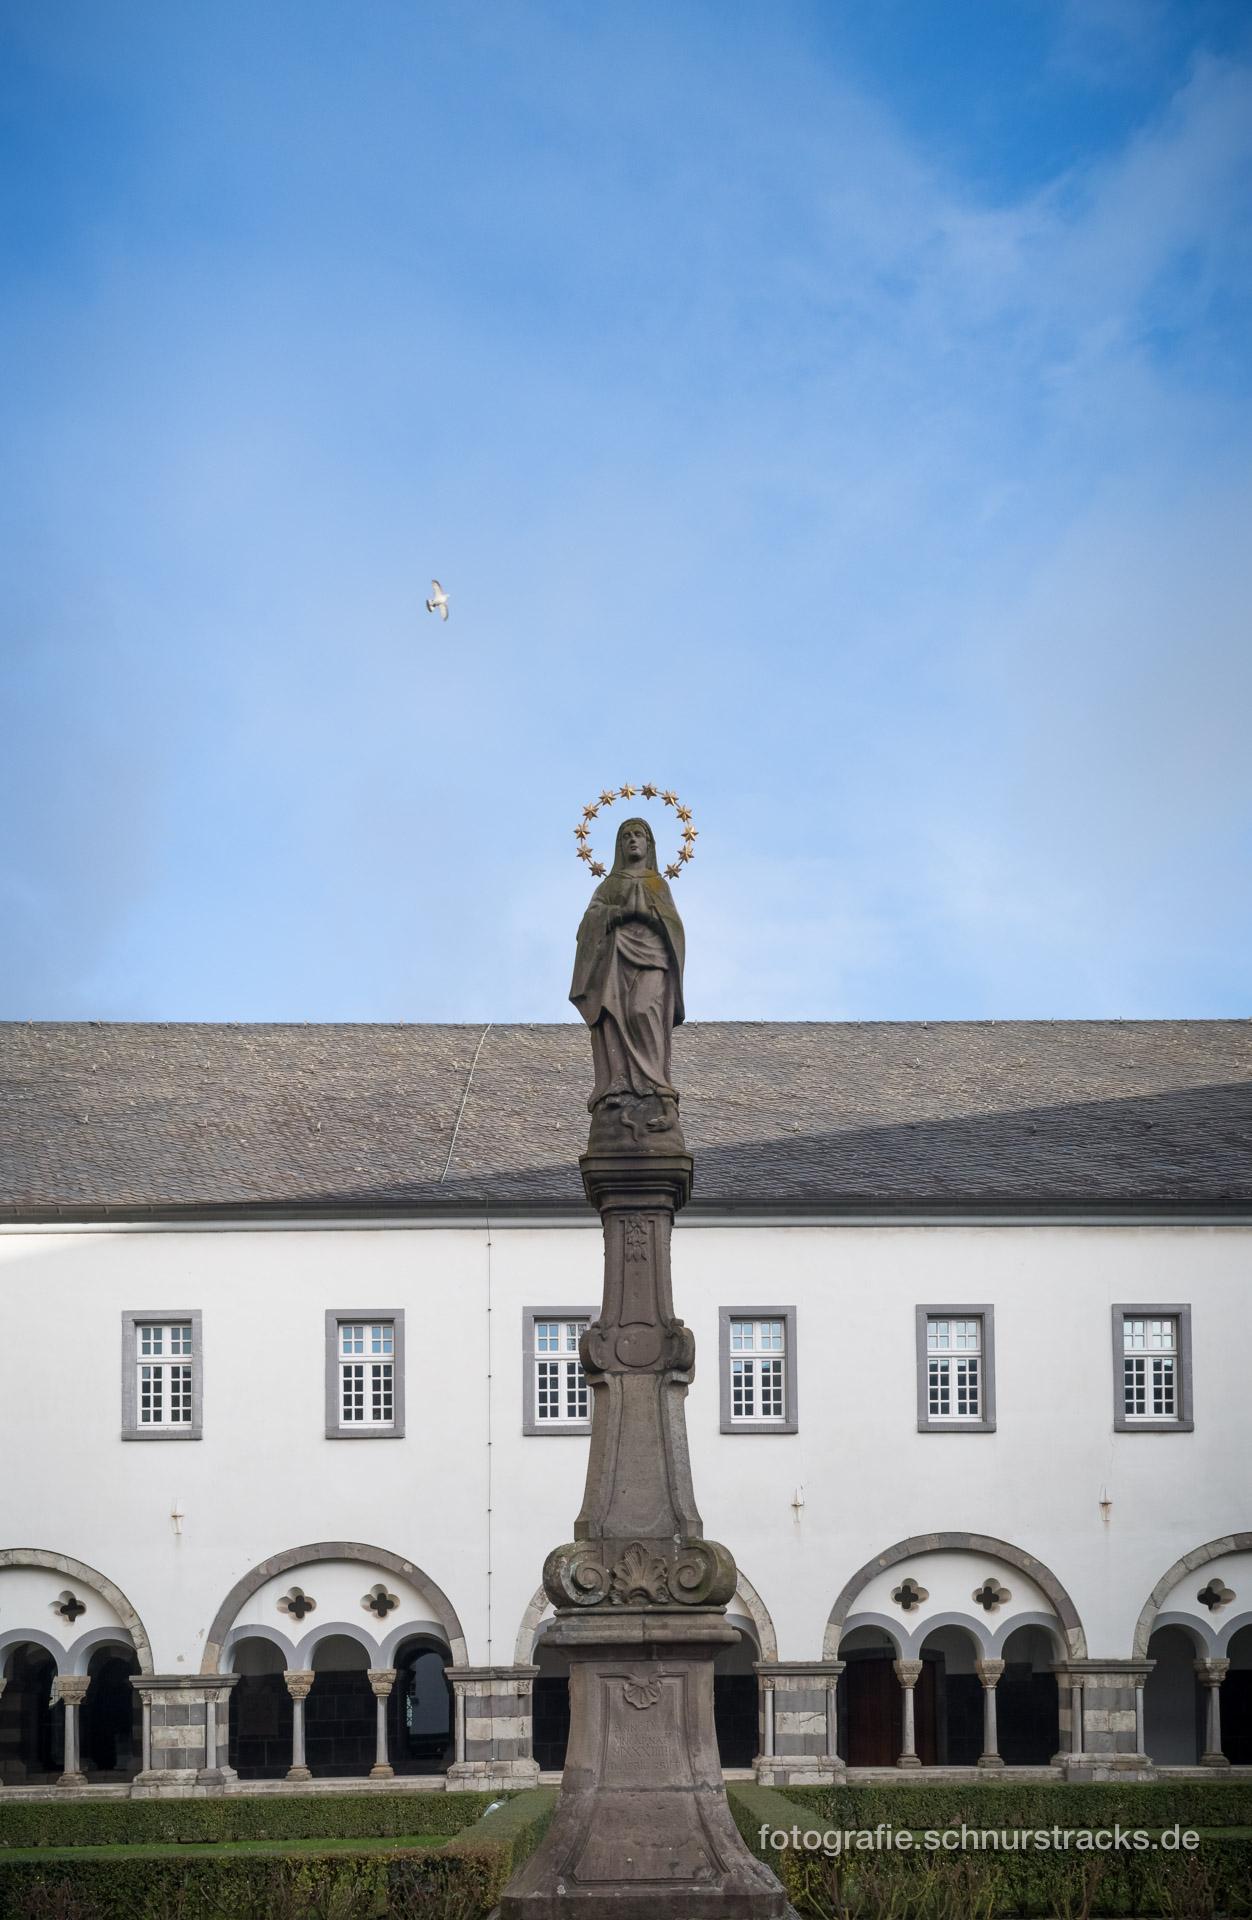 Marienstatue im Marienhof der Abtei Brauweiler #0224